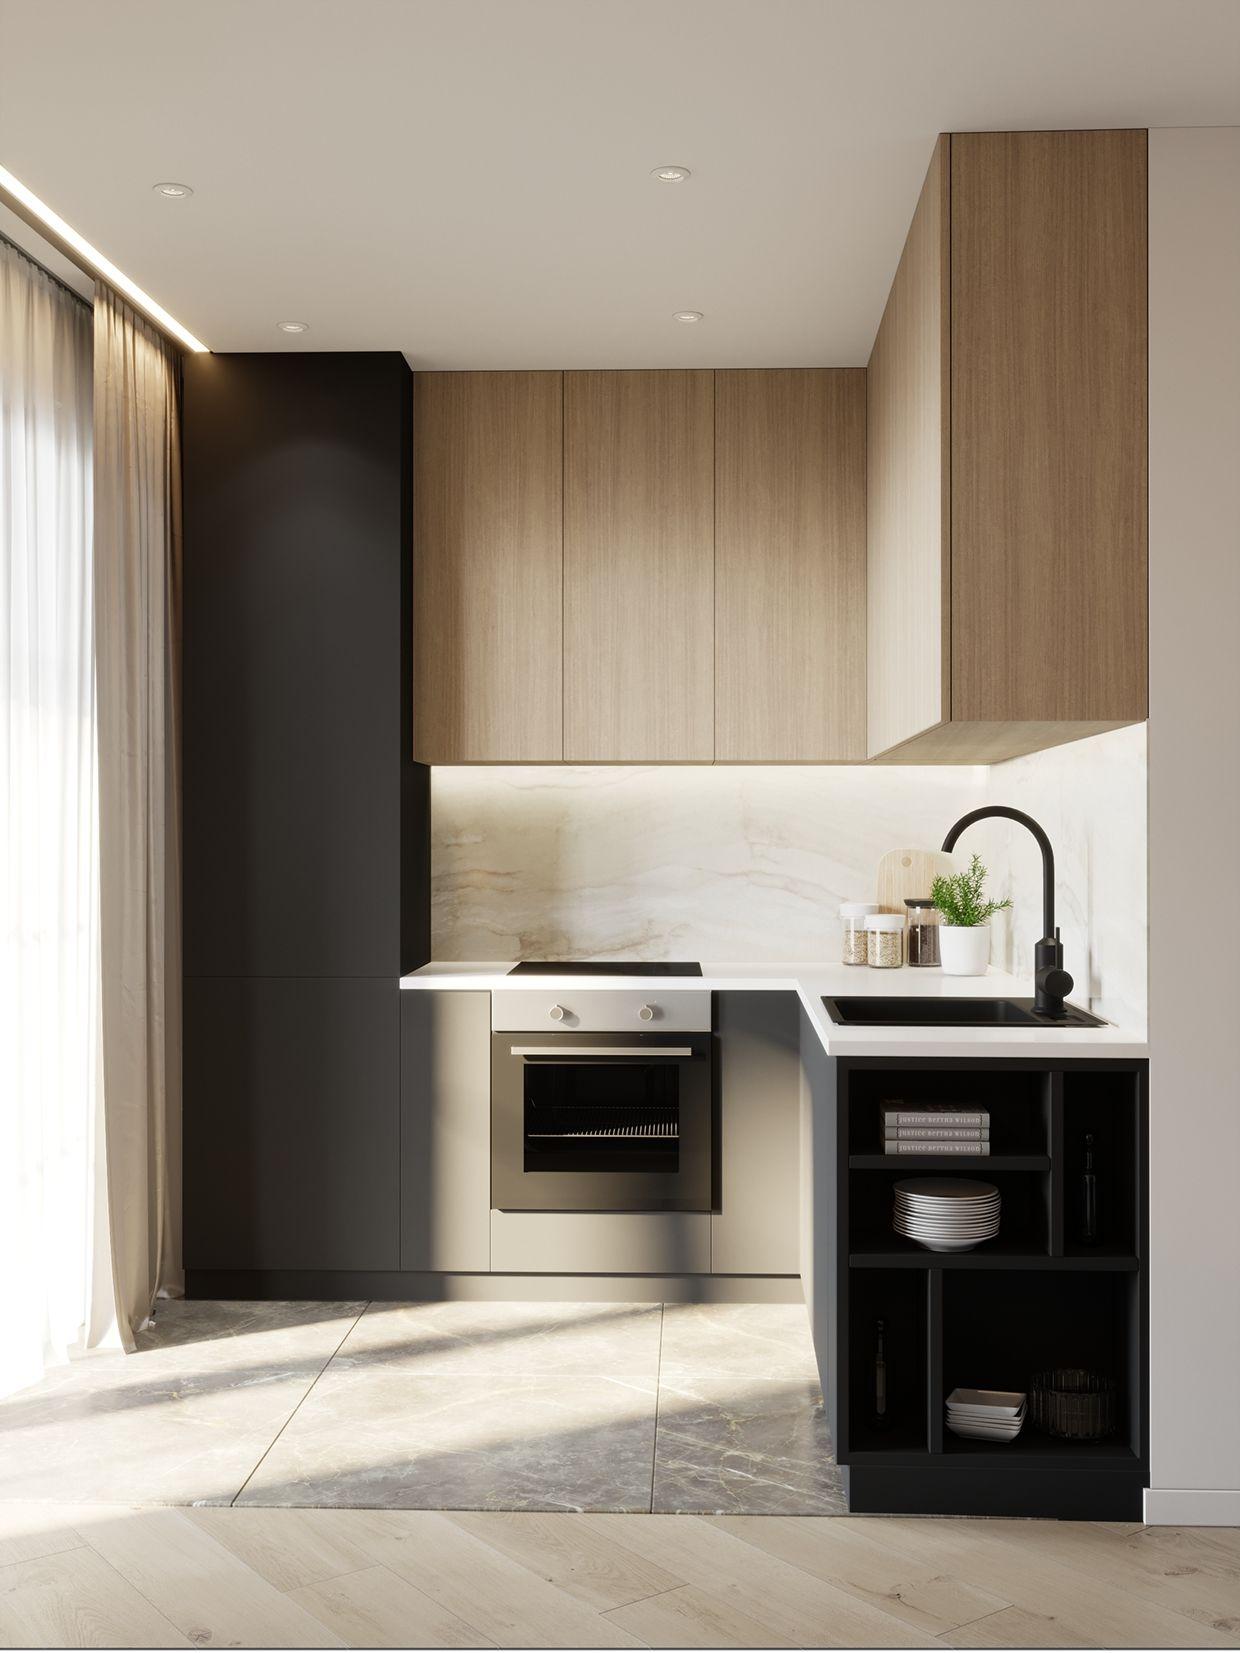 Épinglé par Karla Paes sur cozinha  Petite cuisine moderne